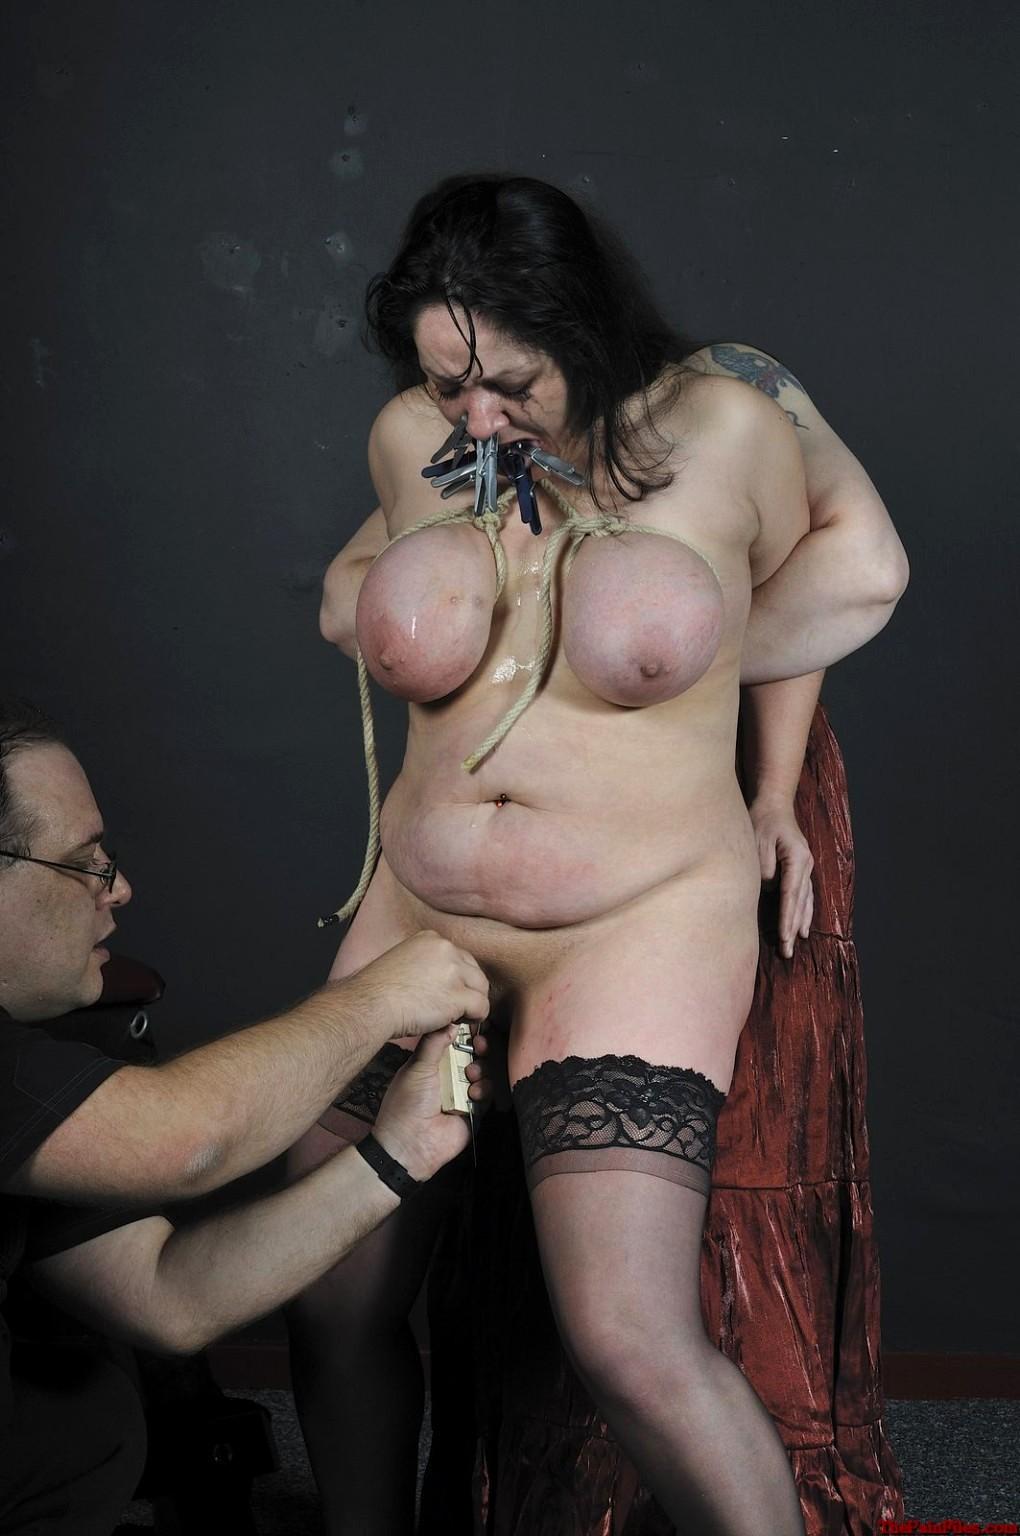 Babe Today The Pain Files Andrea Jay Mistress Jay Funny -5985